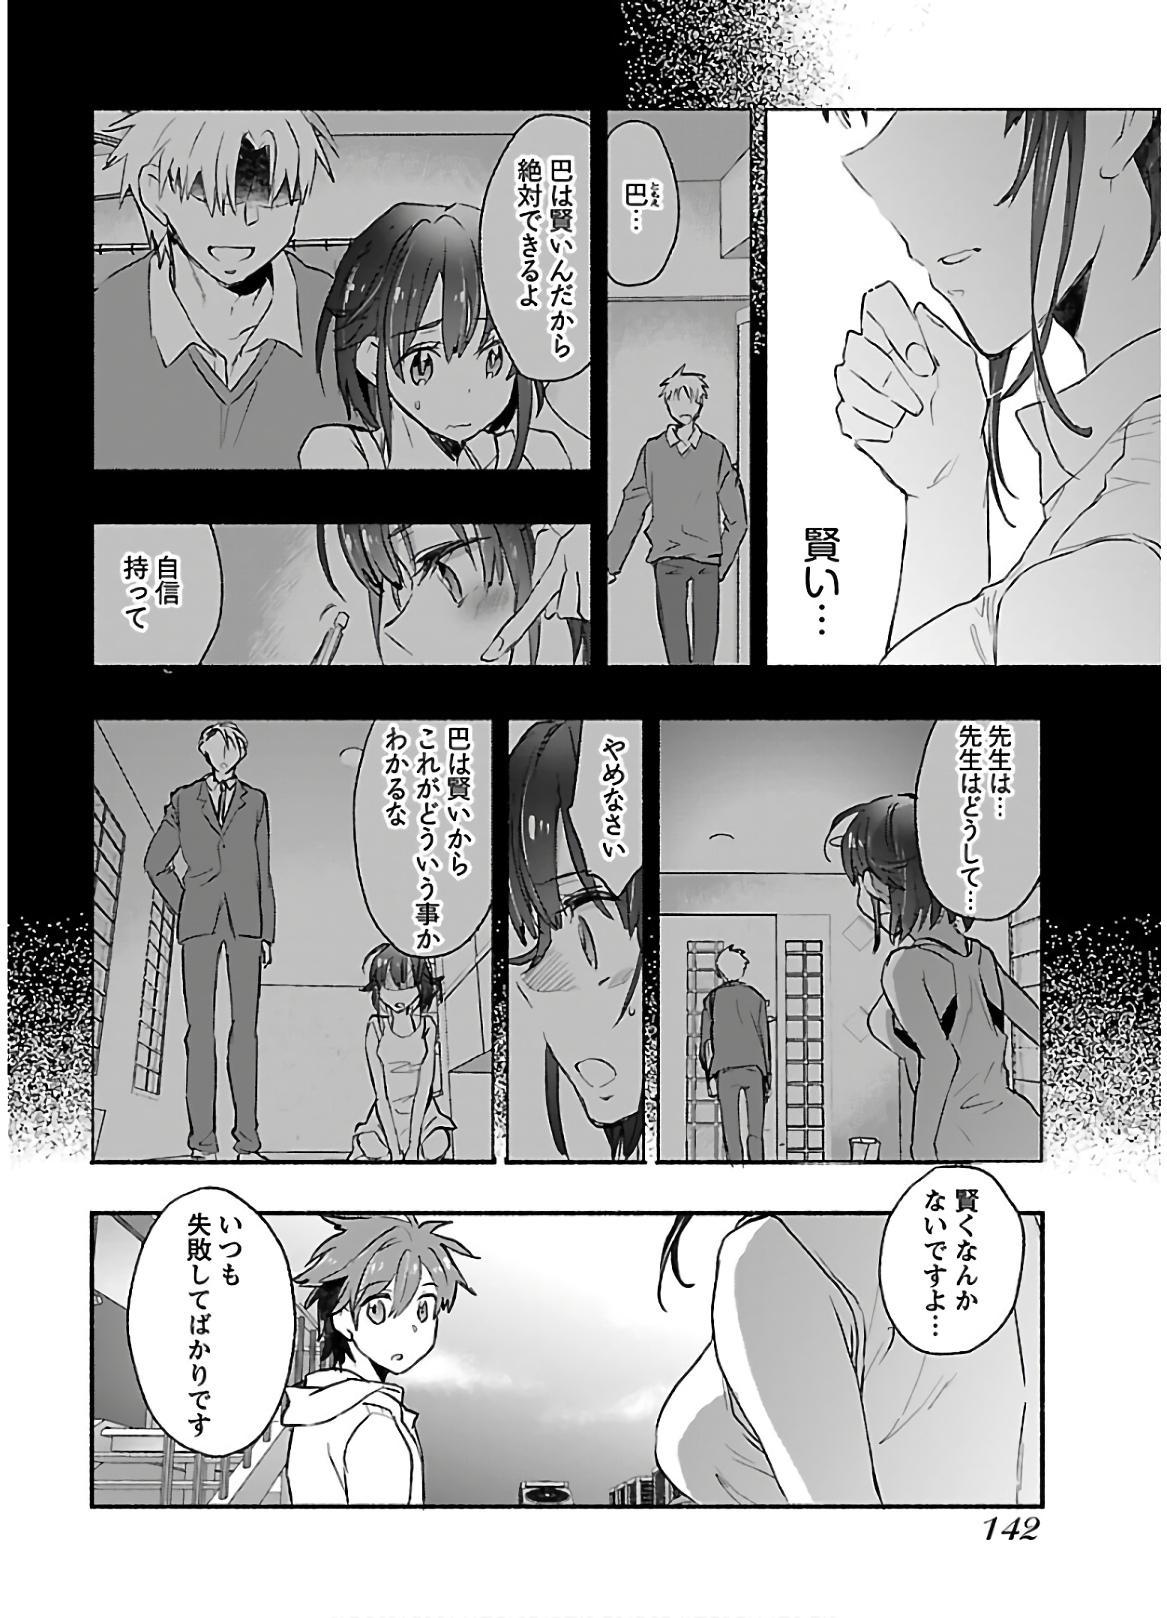 Yankii musume ni natsukarete kotoshi mo juken ni shippai shisou desu  vol.1 143